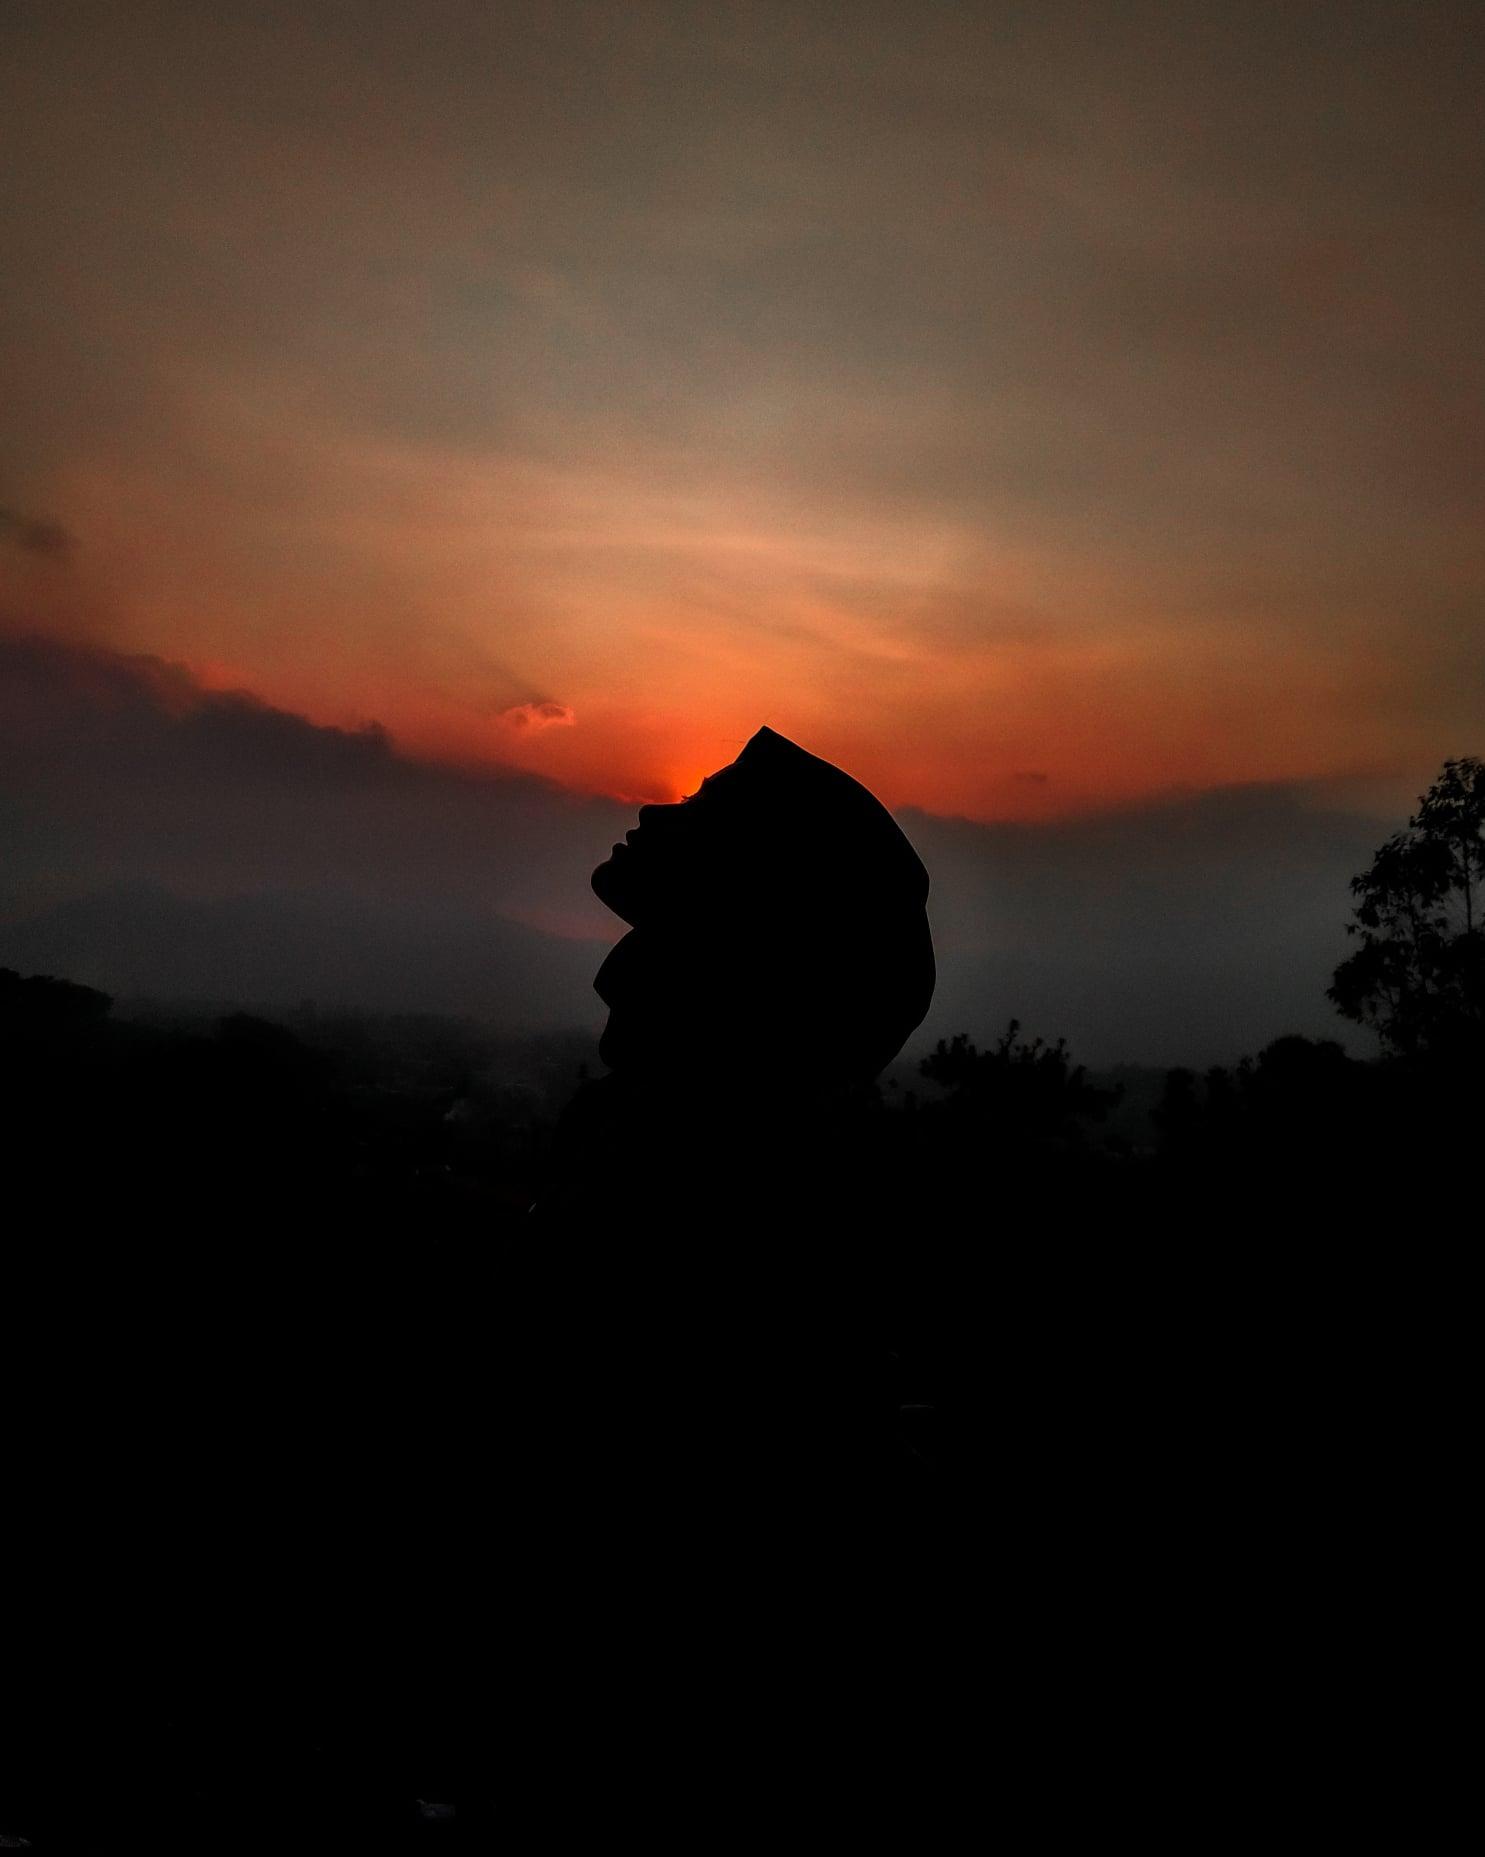 World of Darkness - Post 4 - Frau mit Kopfbedeckung im Schatten vor Sonnenuntergang sieht nach oben (Photo: @idarizkha Instagram Account)